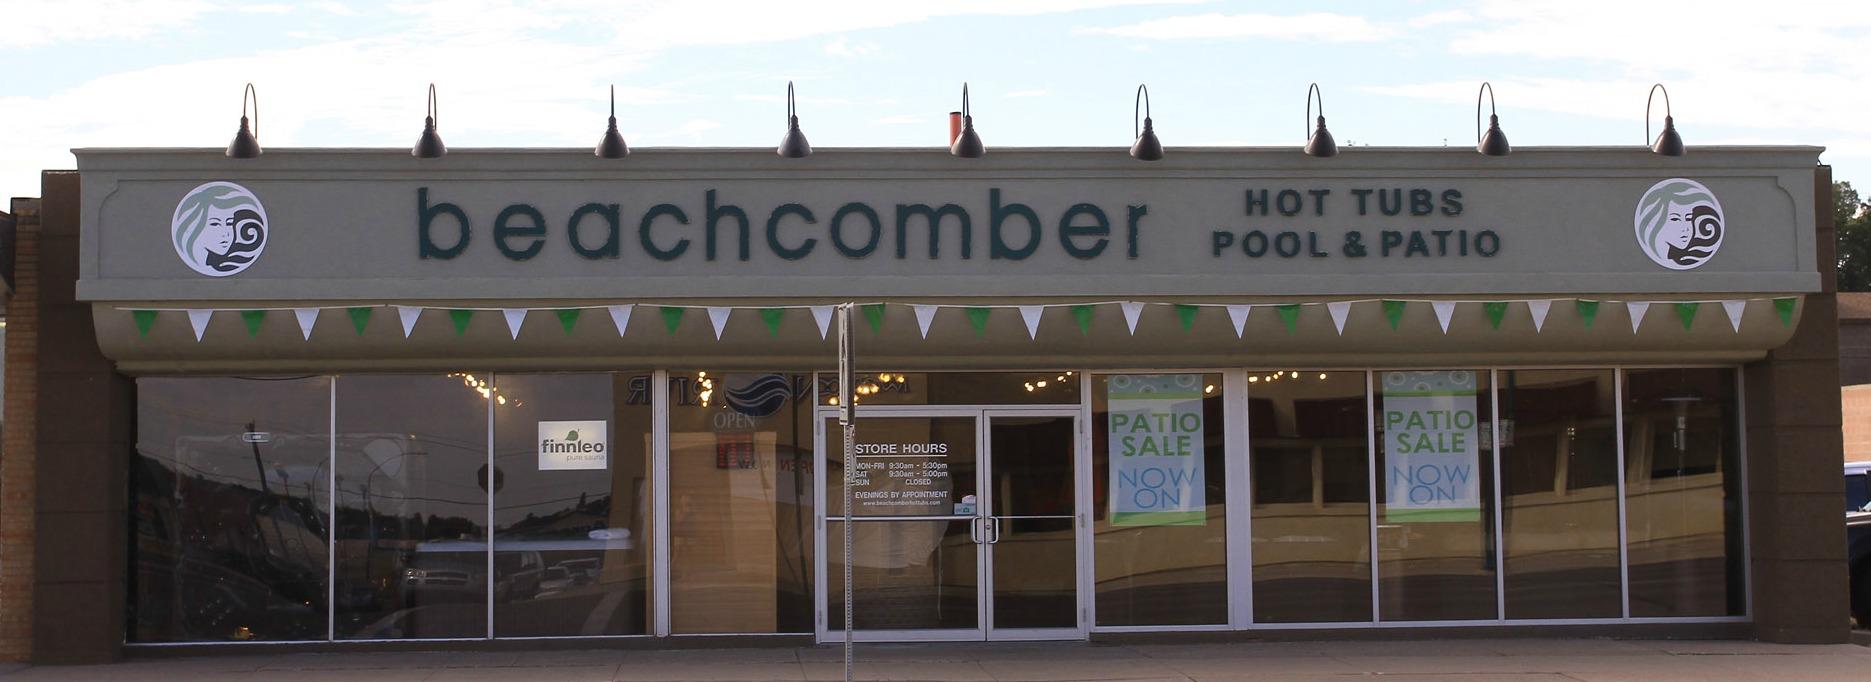 Beachcomber Lethbridge